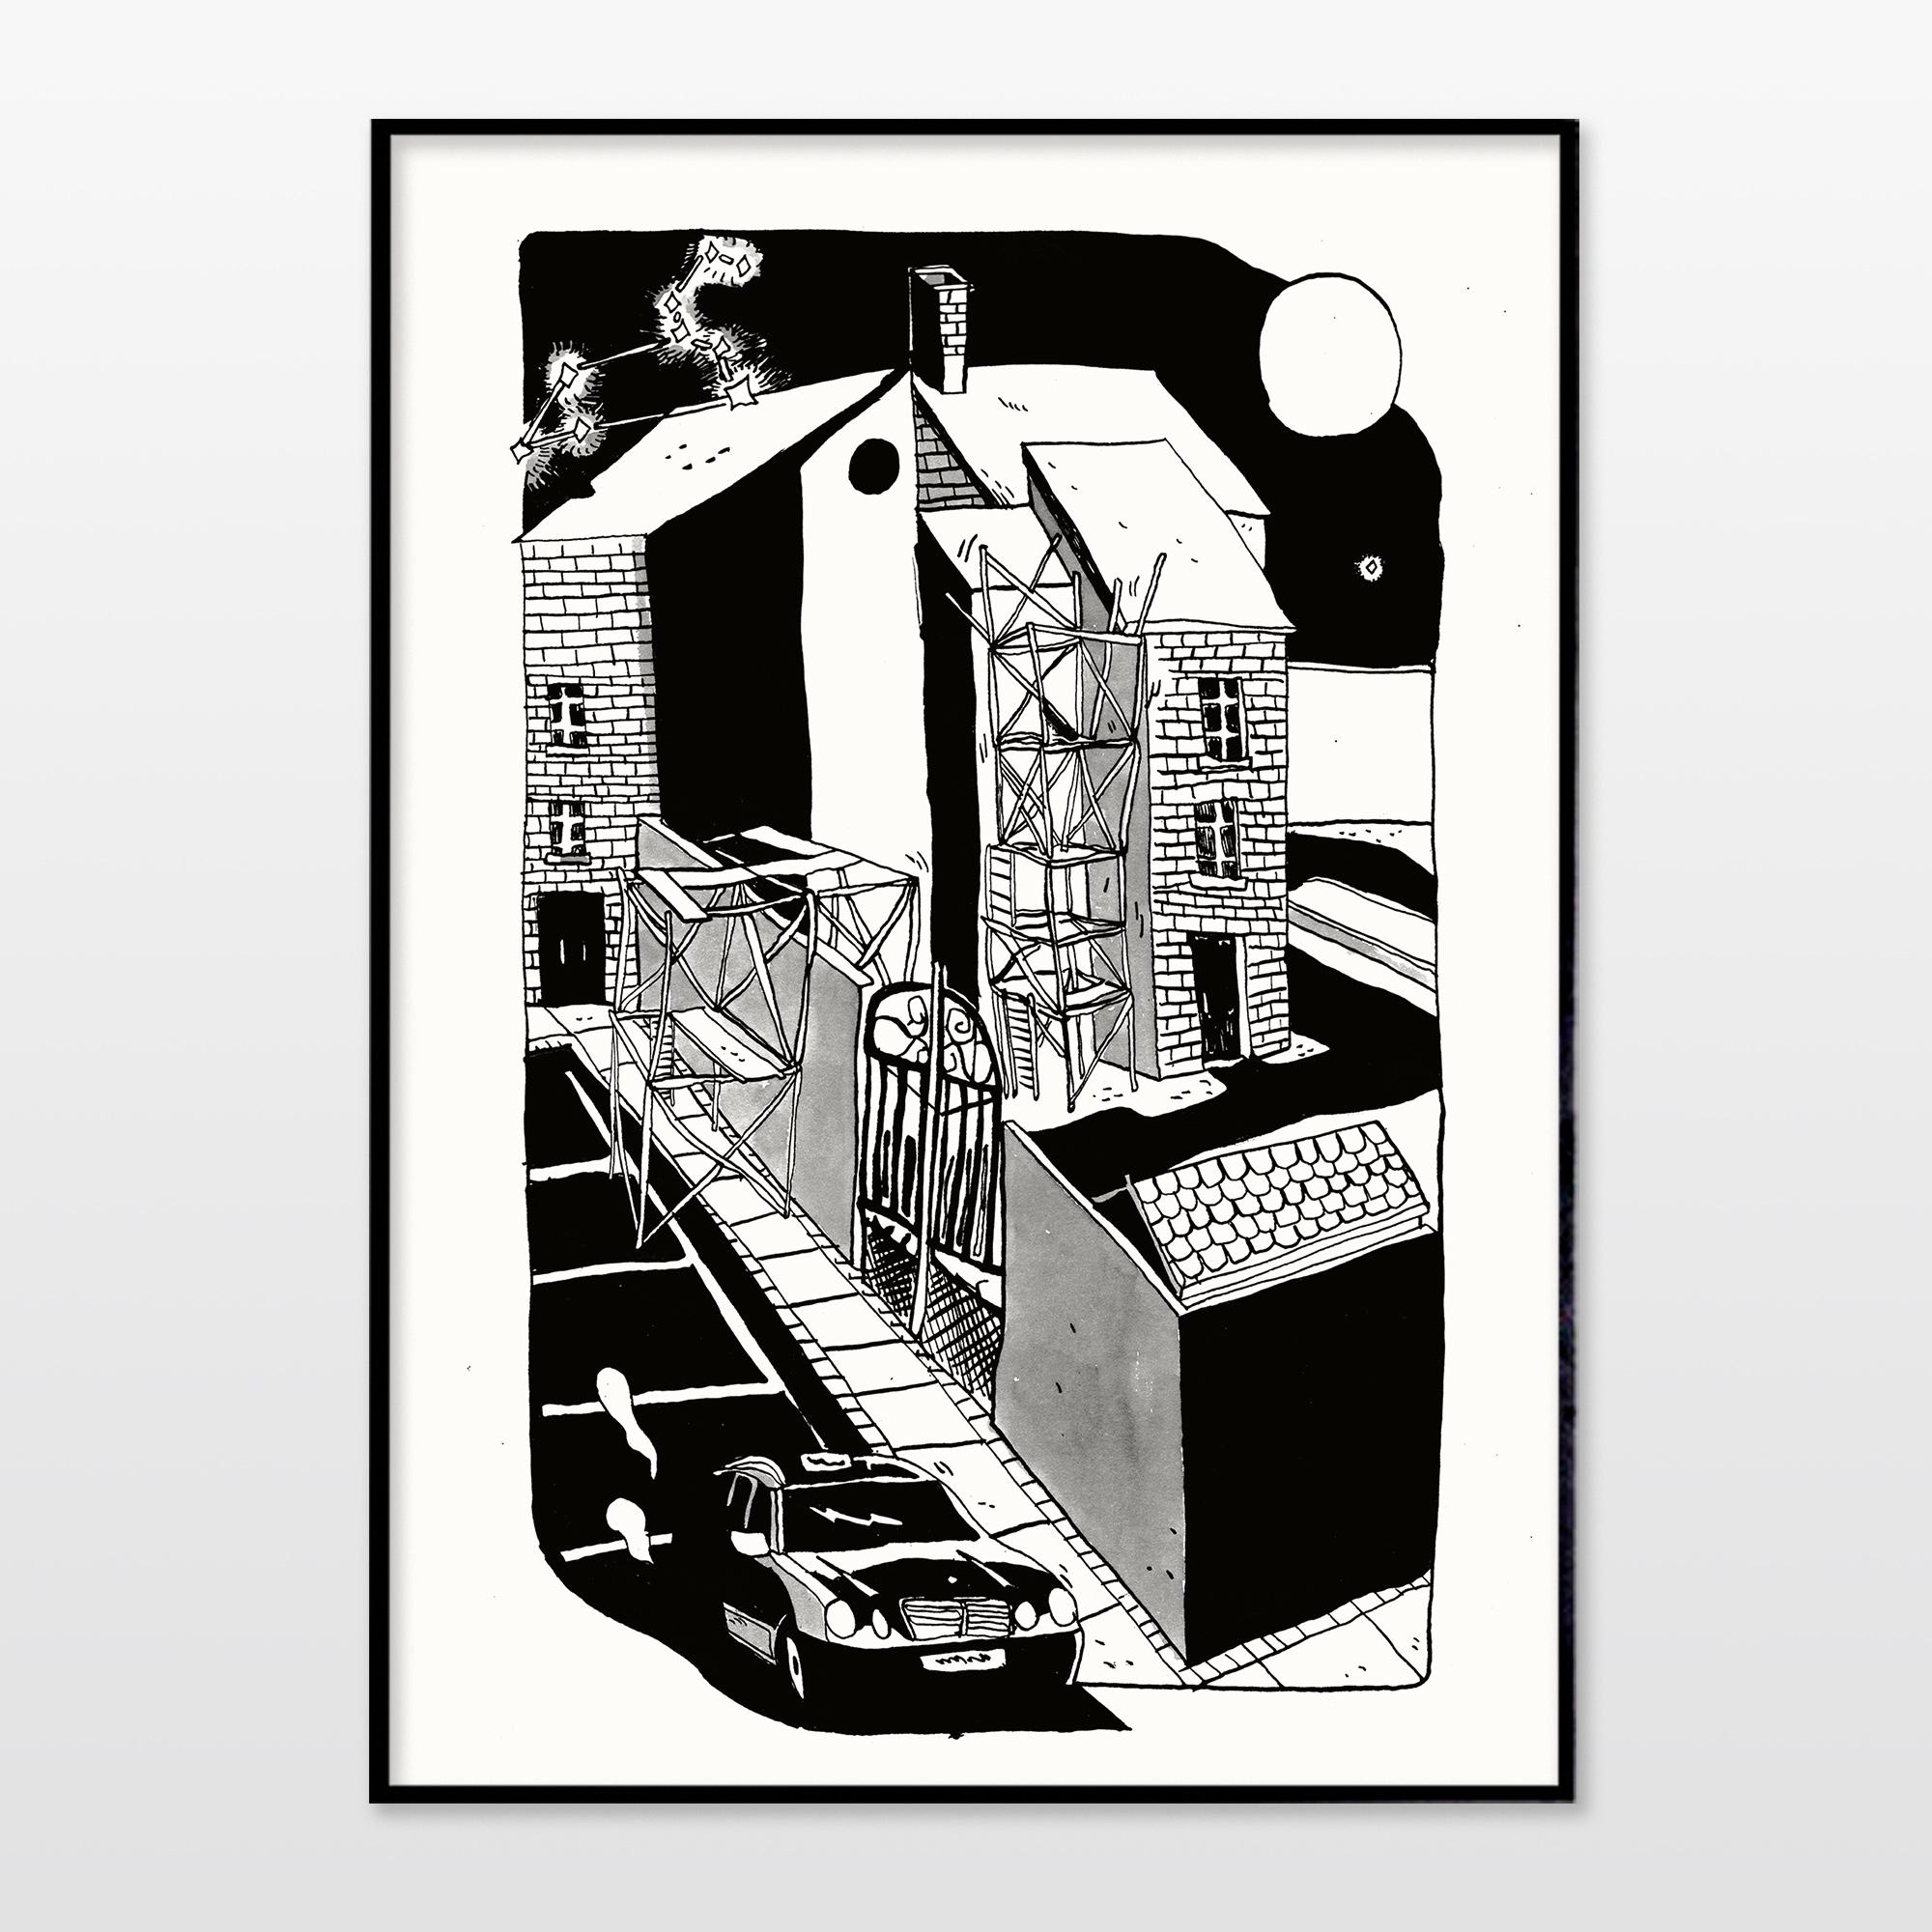 plakater-posters-kunsttryk, giclee-tryk, grafiske, illustrative, monokrome, arkitektur, tegneserier, bevægelse, transportmidler, sorte, hvide, blæk, papir, sort-hvide, biler, samtidskunst, københavn, dansk, design, moderne, moderne-kunst, nordisk, plakater, tryk, skandinavisk, tid, køretøjer, Køb original kunst og kunstplakater. Malerier, tegninger, limited edition kunsttryk & plakater af dygtige kunstnere.